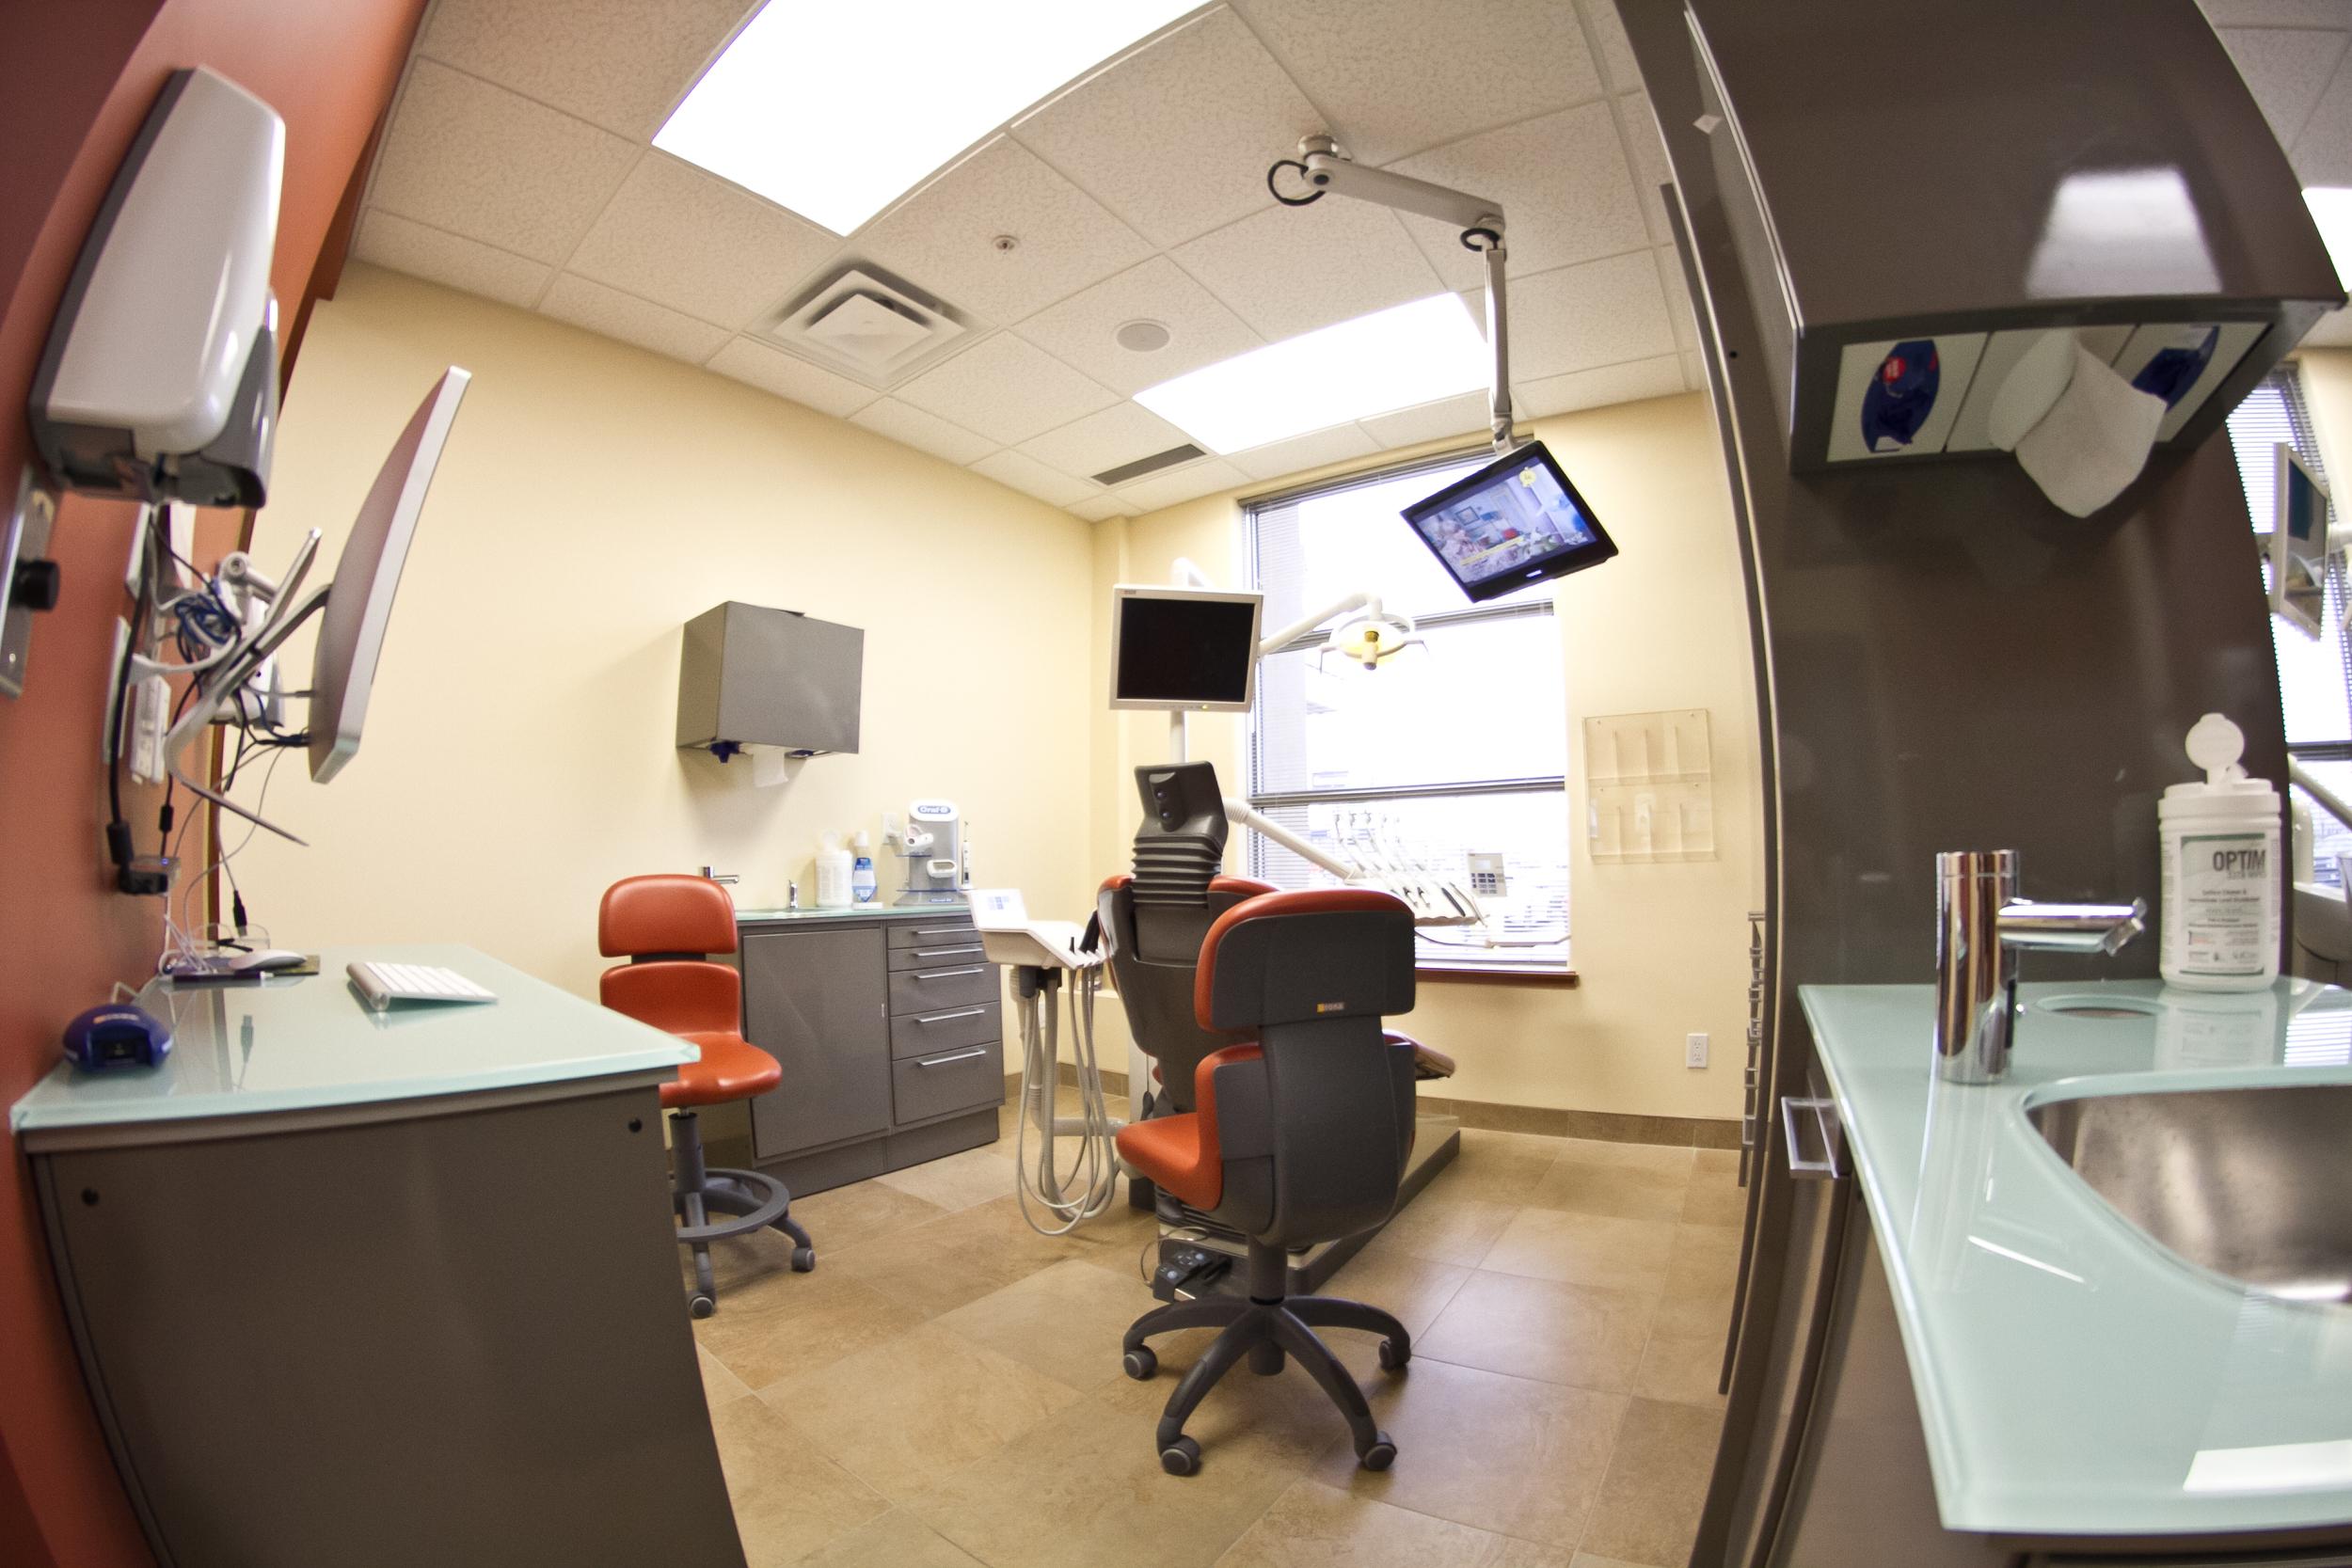 dentalroom3.jpg